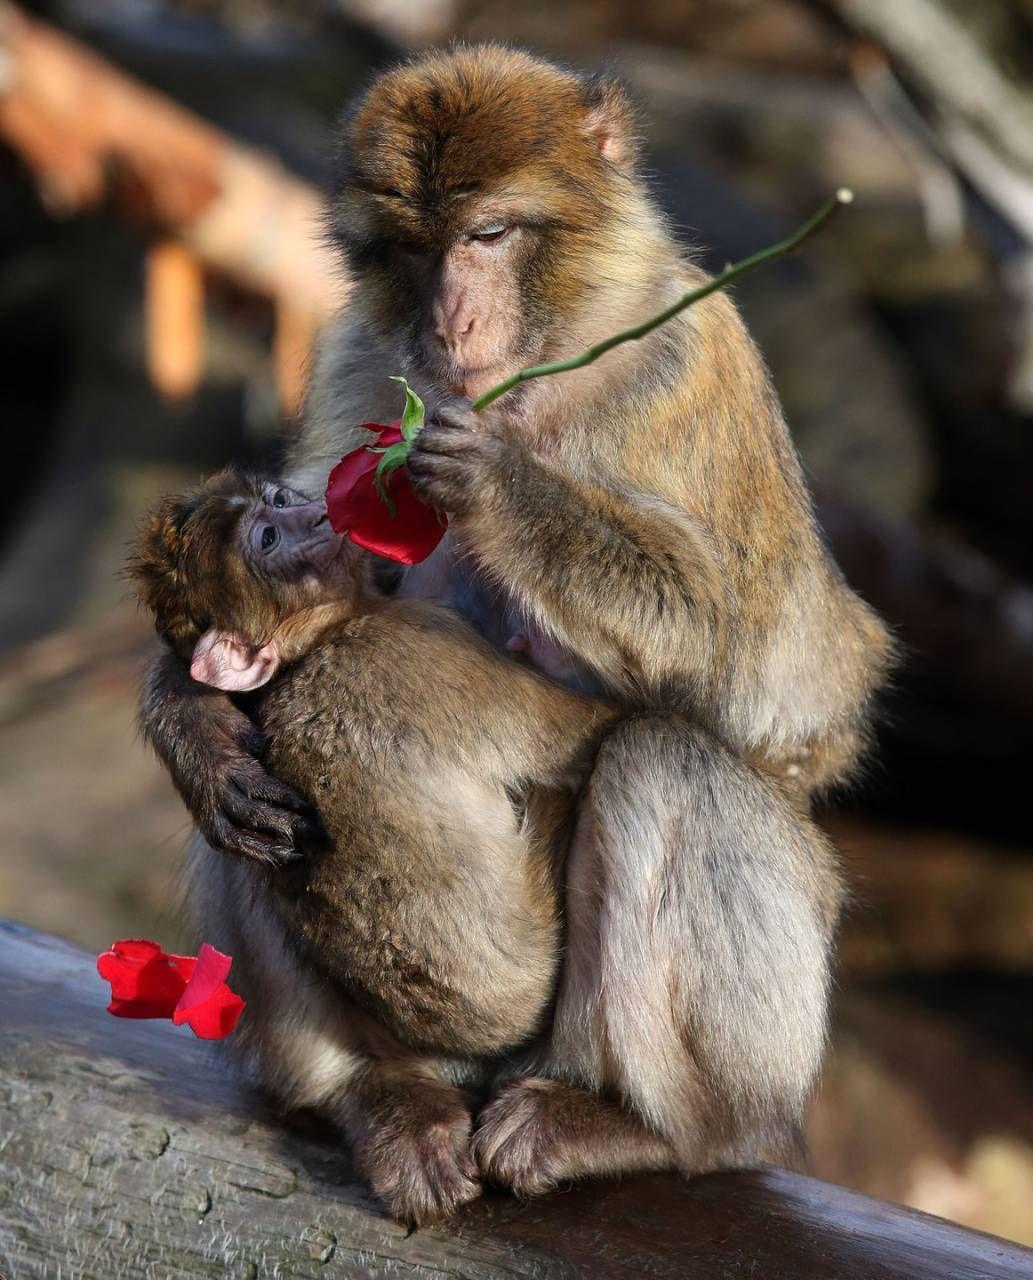 Festa Di San Valentino Le Frasi D Amore Più Romantiche Tra Film E